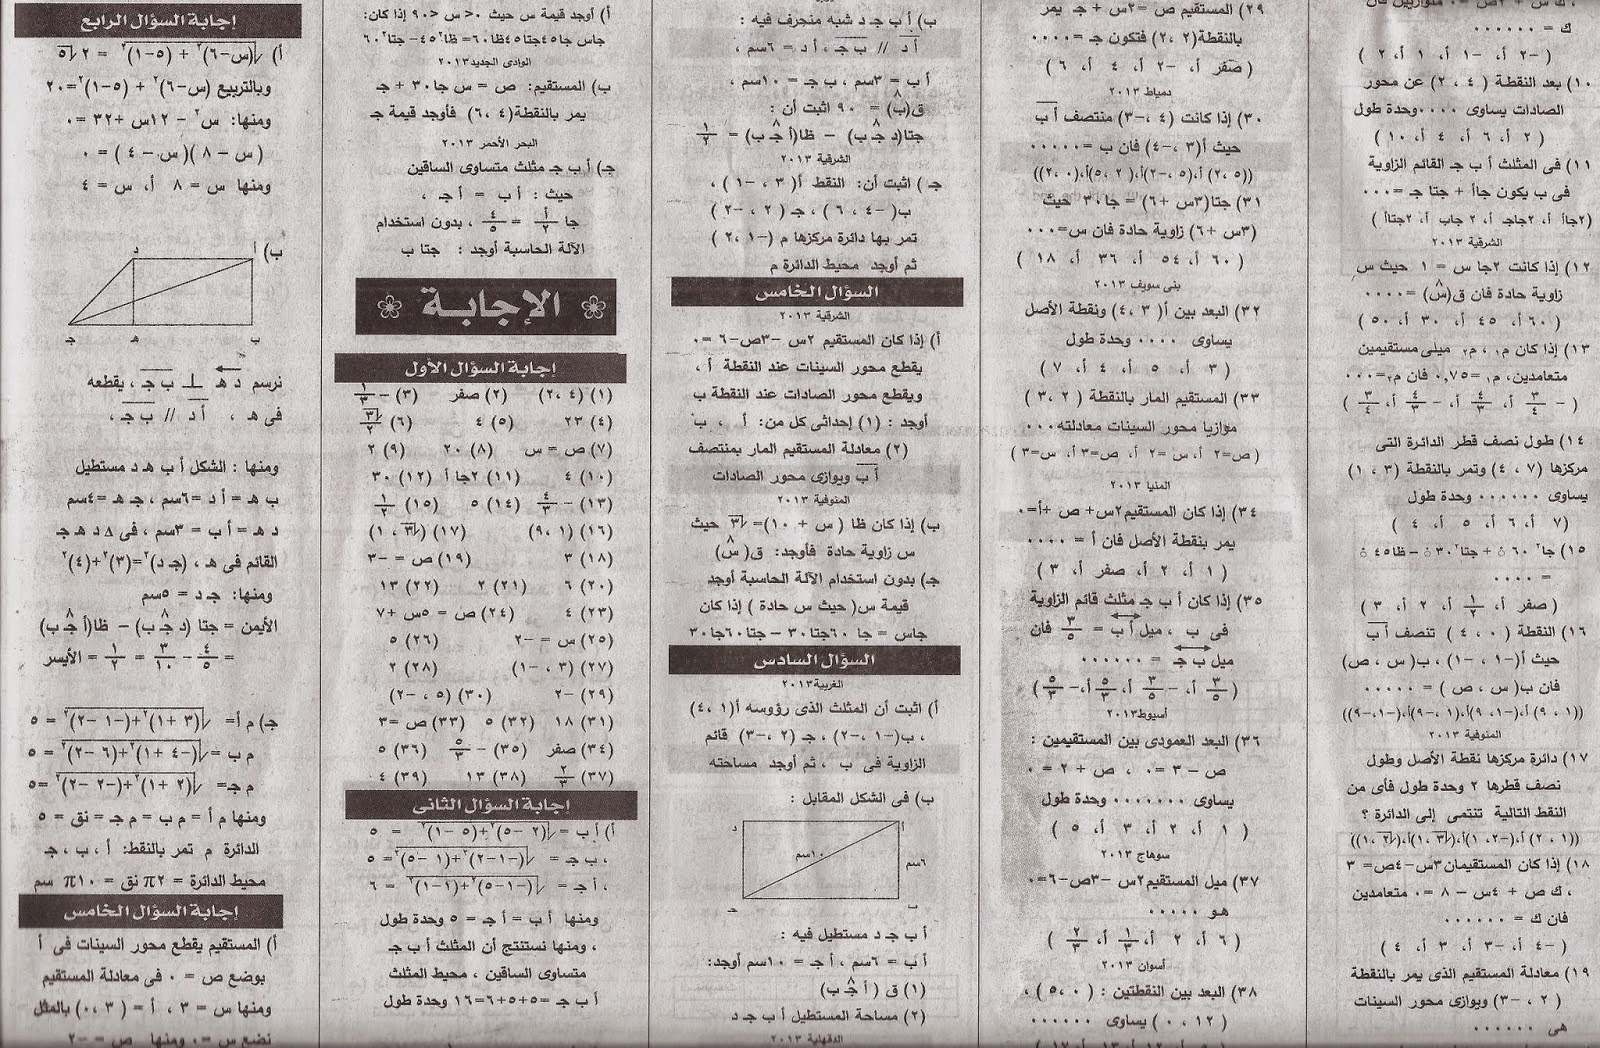 كل مراجعات ملاحق الجمهورية للترم الأول2015 للشهادة الإعدادية scan0112.jpg